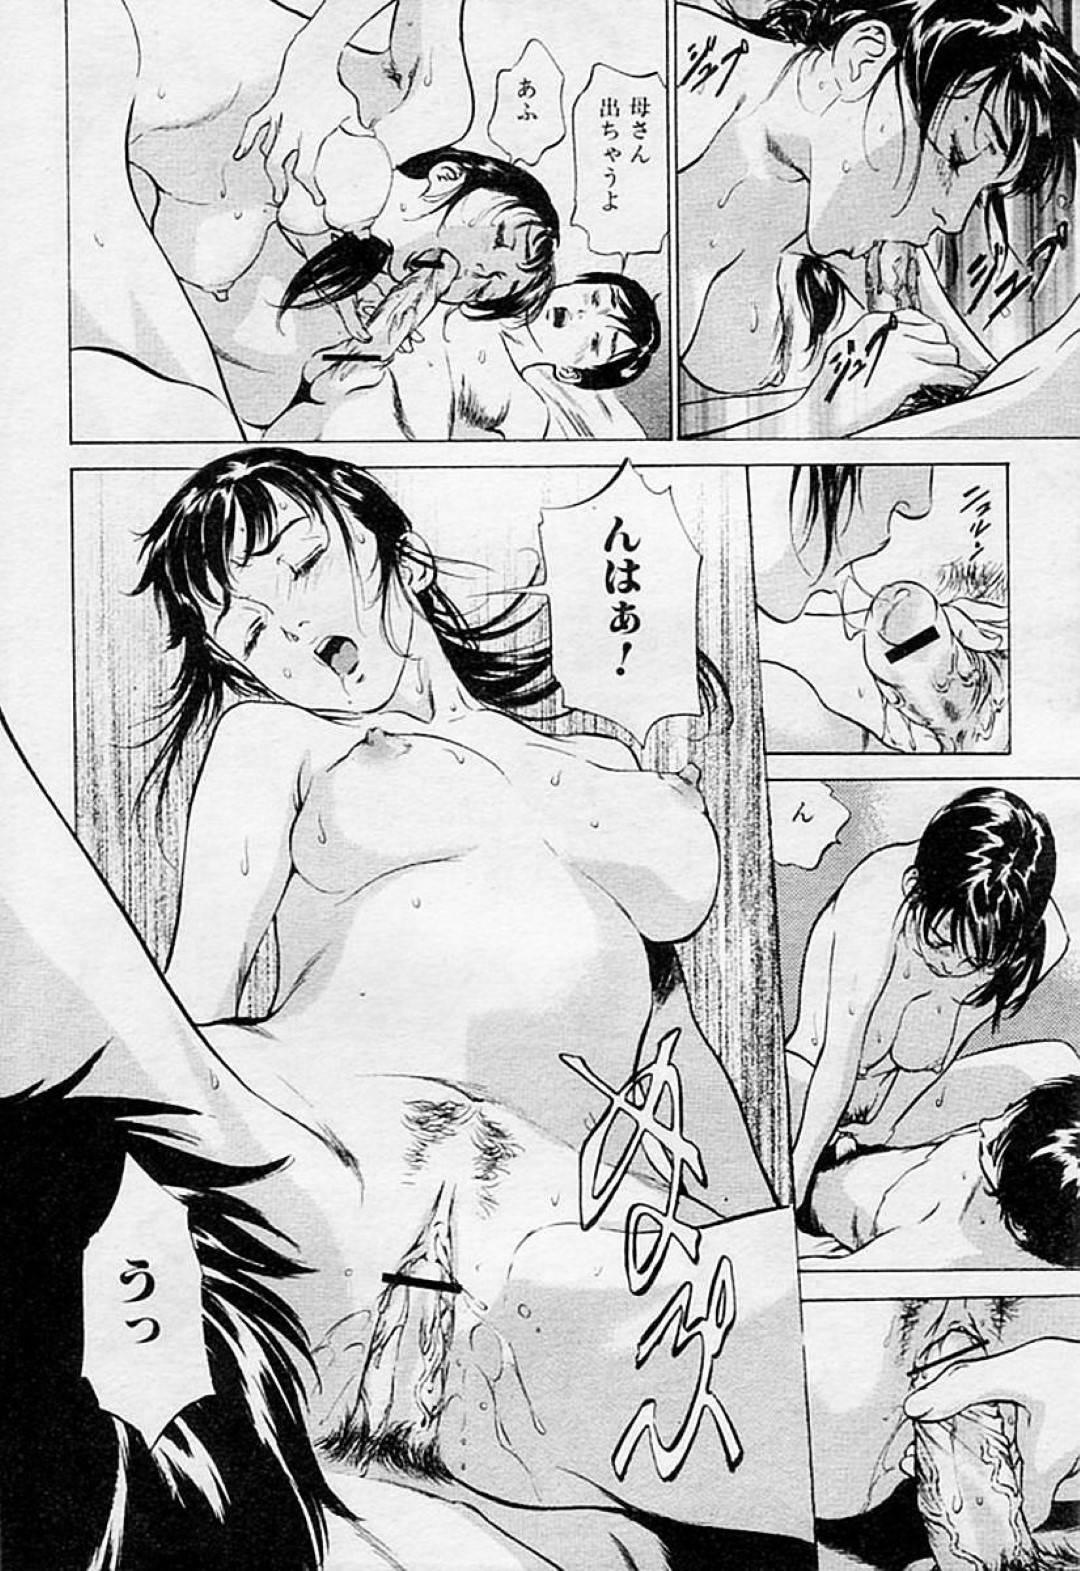 息子に襲われちゃう病気がちで美人な母親…乳首舐めからのクンニをされたりして禁断の近親相姦セックスでイチャラブしちゃう!【八月薫:母子】